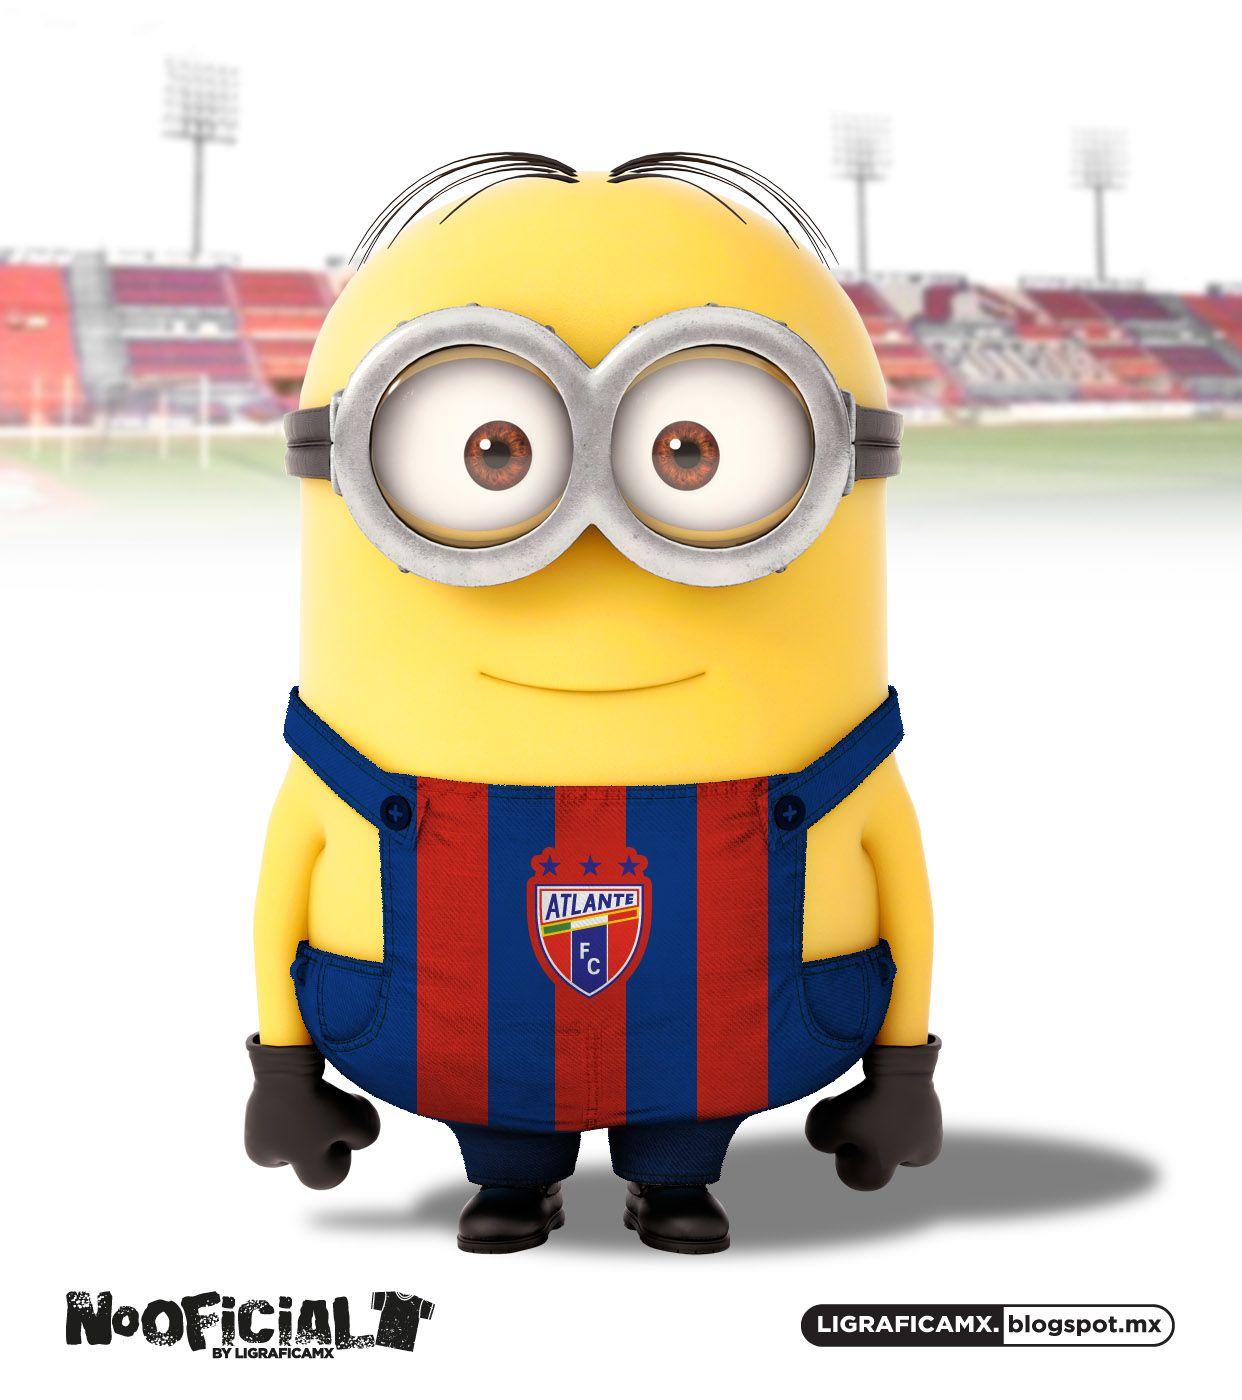 Soccer minion NoOficial LigraficaMX Atlante Cosas